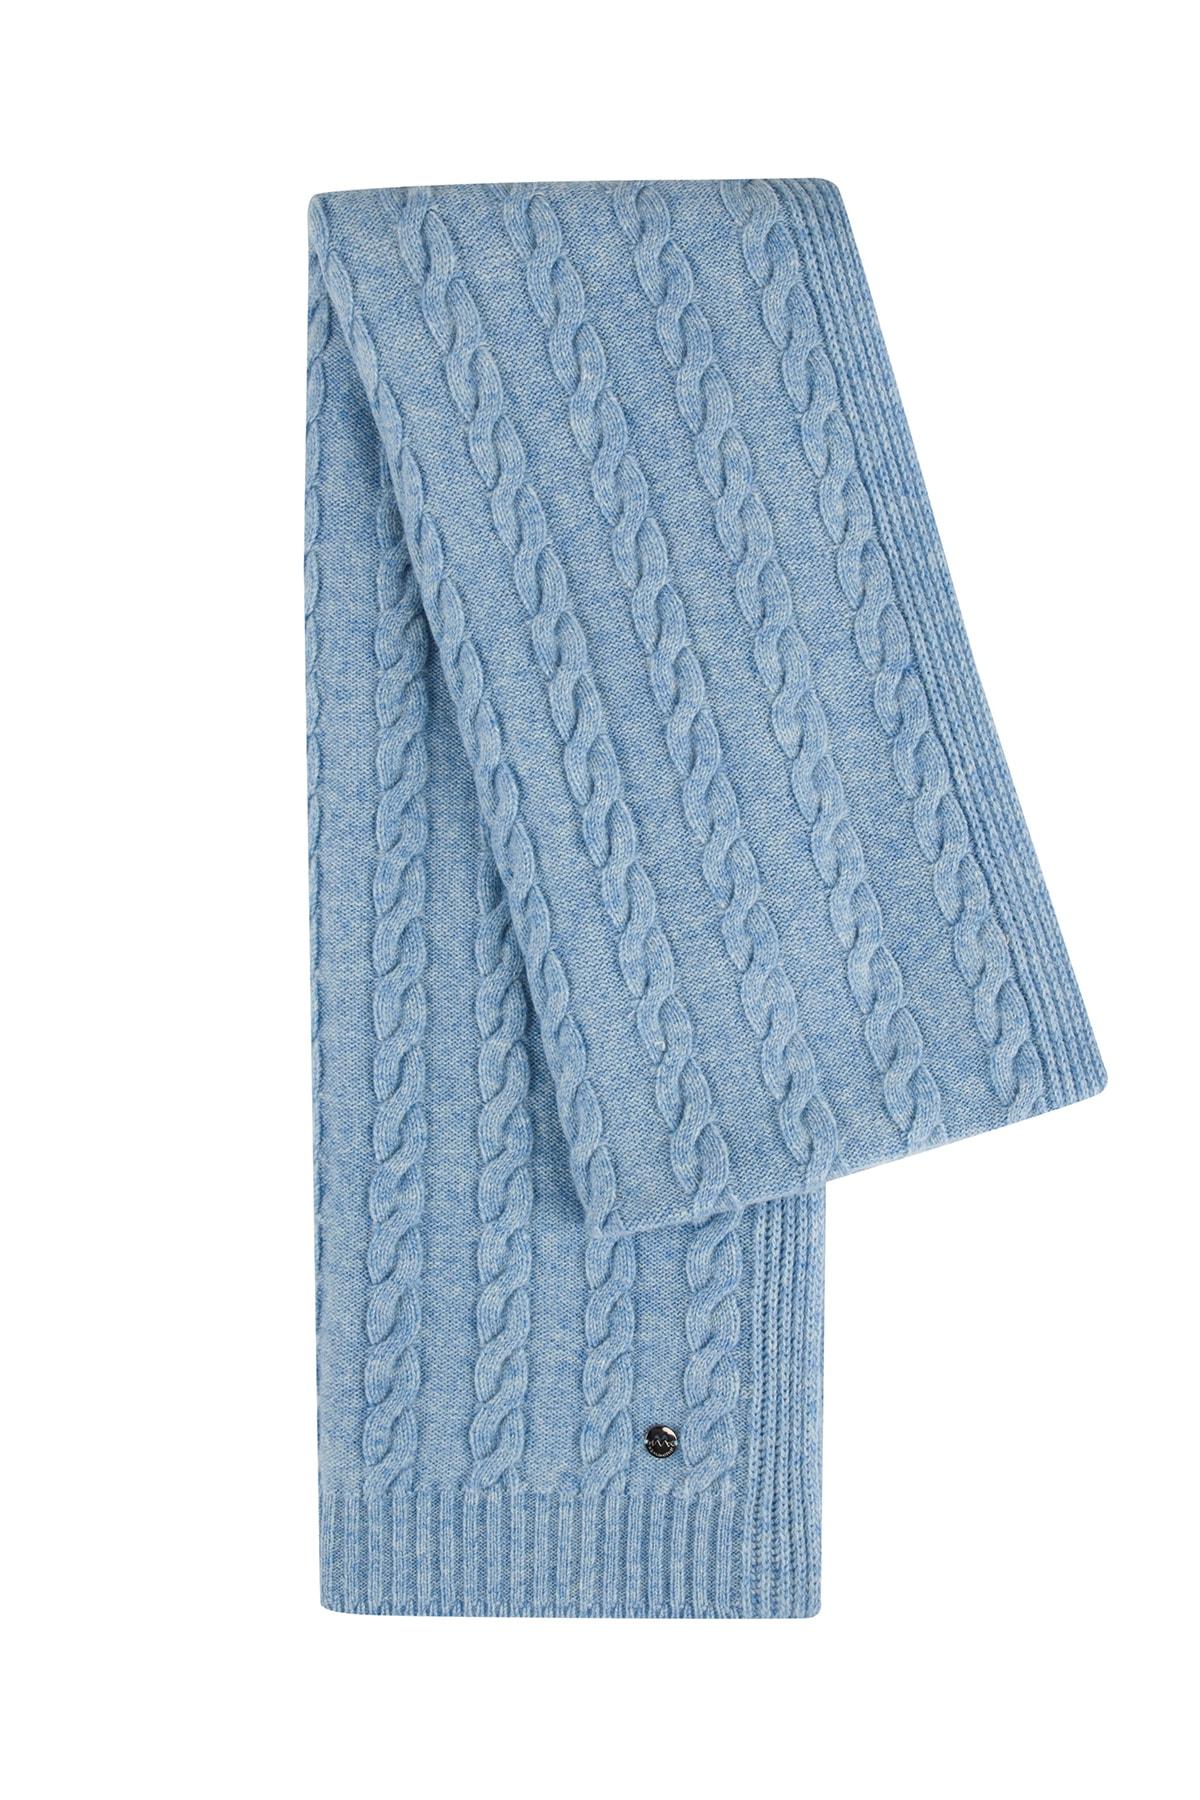 Hemington Erkek Mavi Saç Örgü Saf Kaşmir  Atkı 1